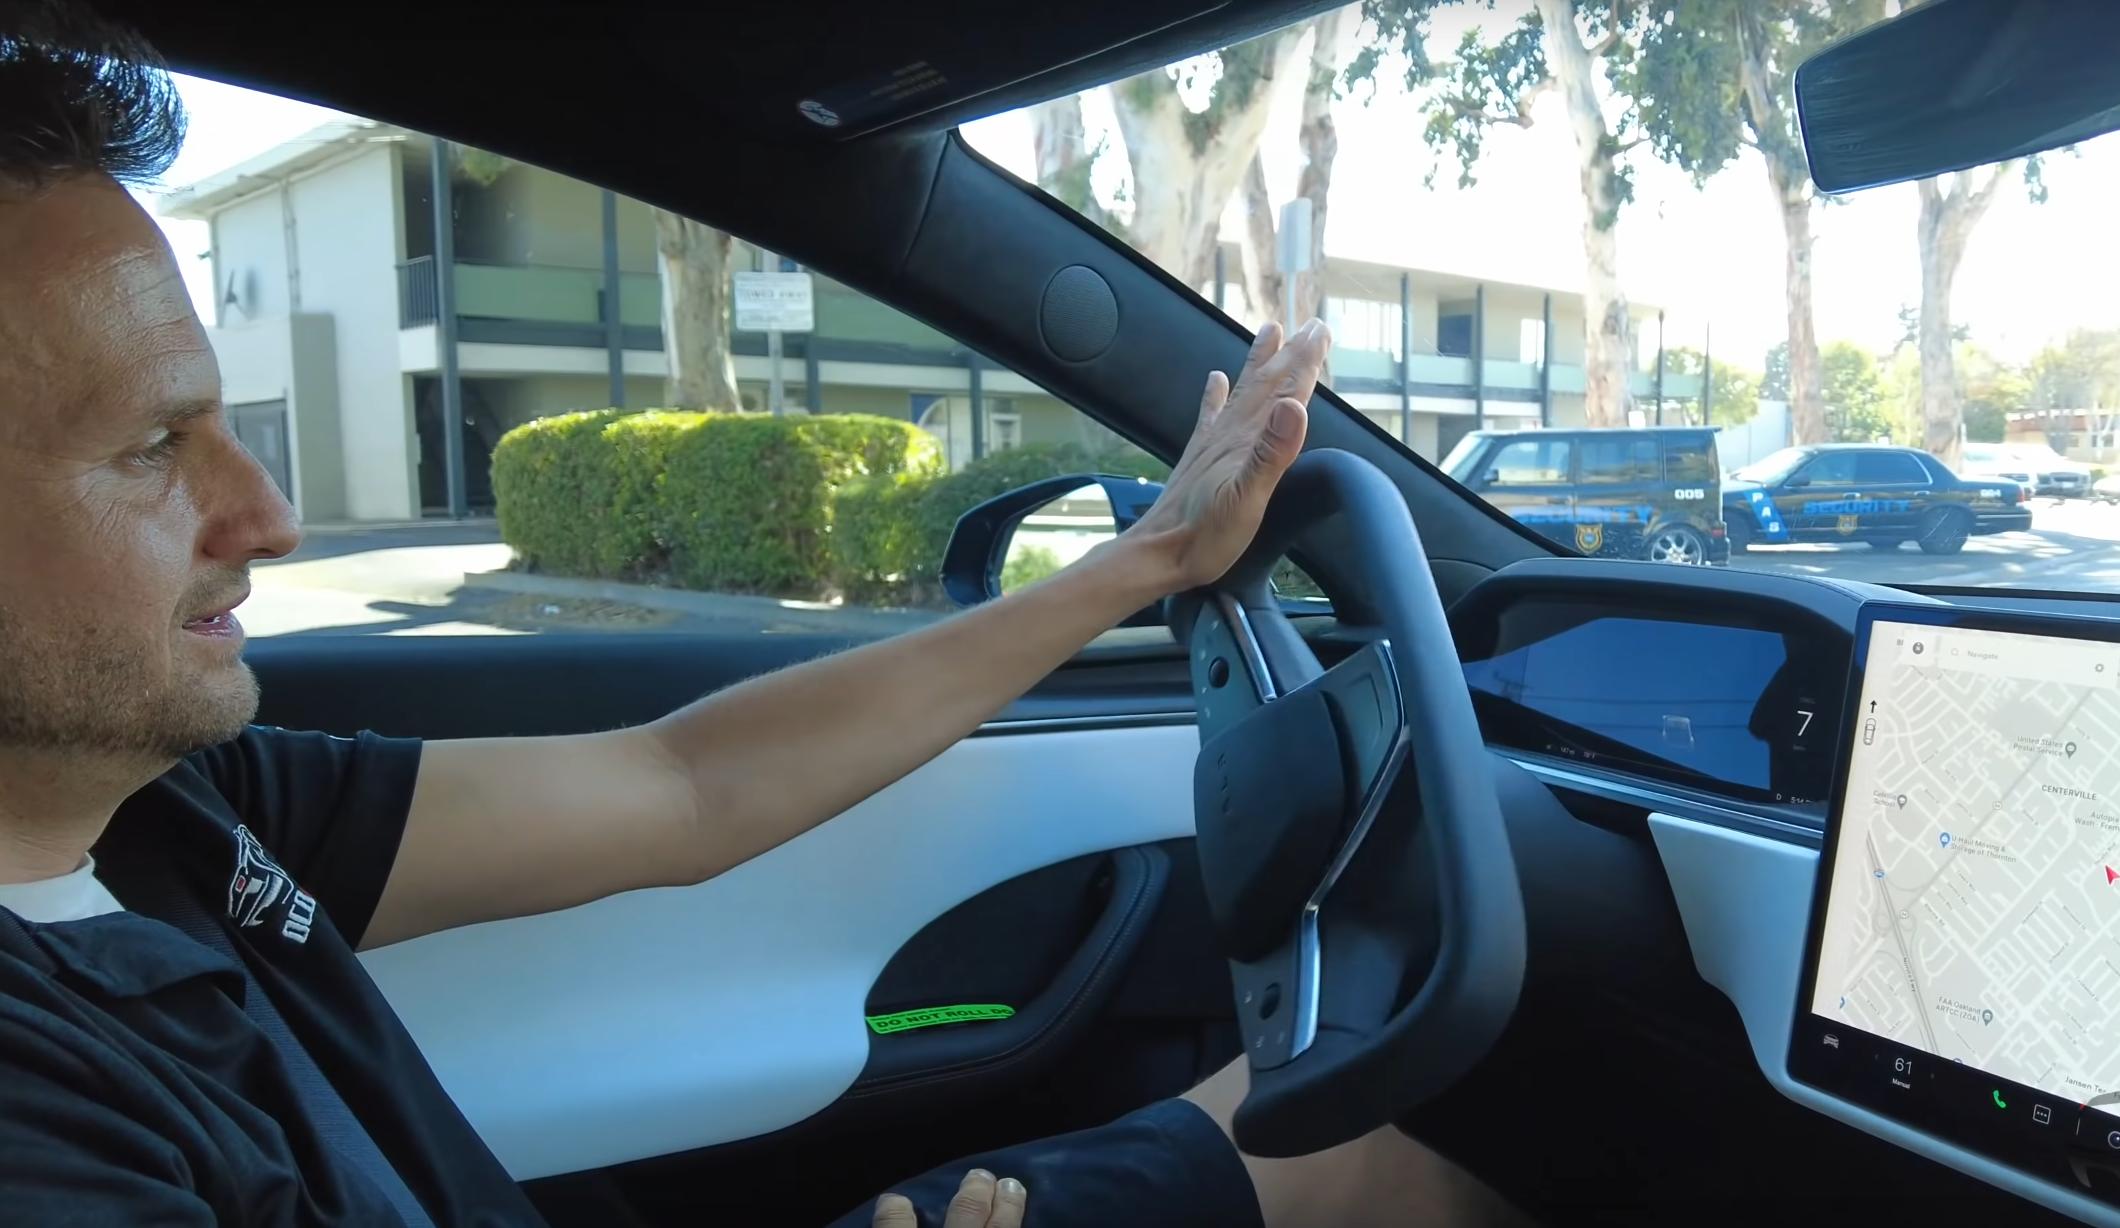 Hvis du er uforsiktig med det nye Tesla-rattet kan det tilsynelatende få grei tilfart inn i håndleddene dine når det ruller tilbake til «nøytral» posisjon.